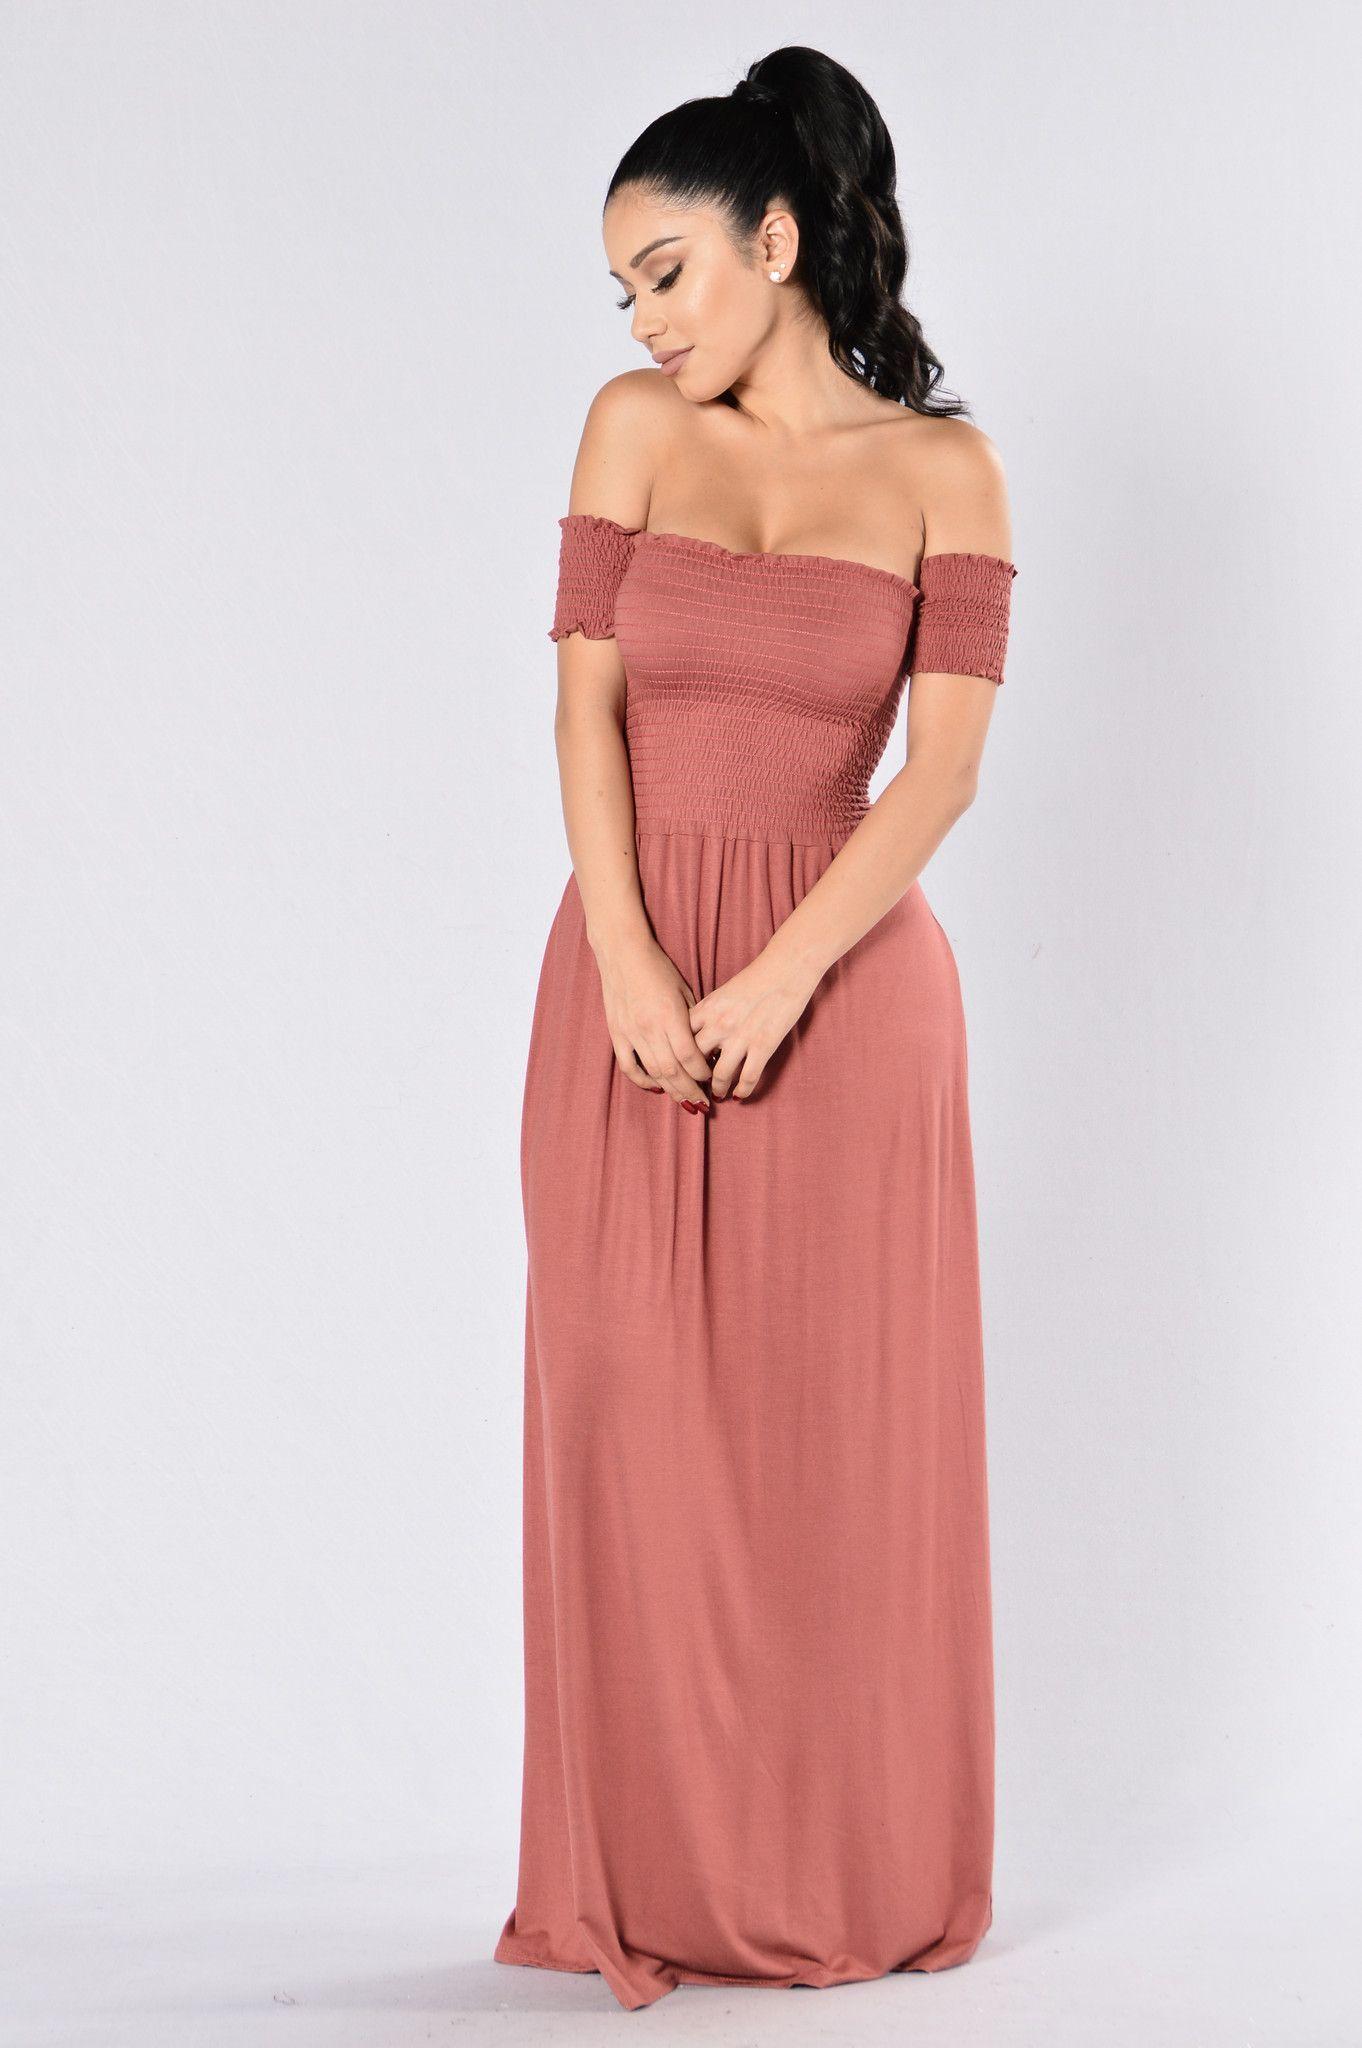 Careful What You Wish For Dress - Dark Mauve | Vestidos ajustados ...